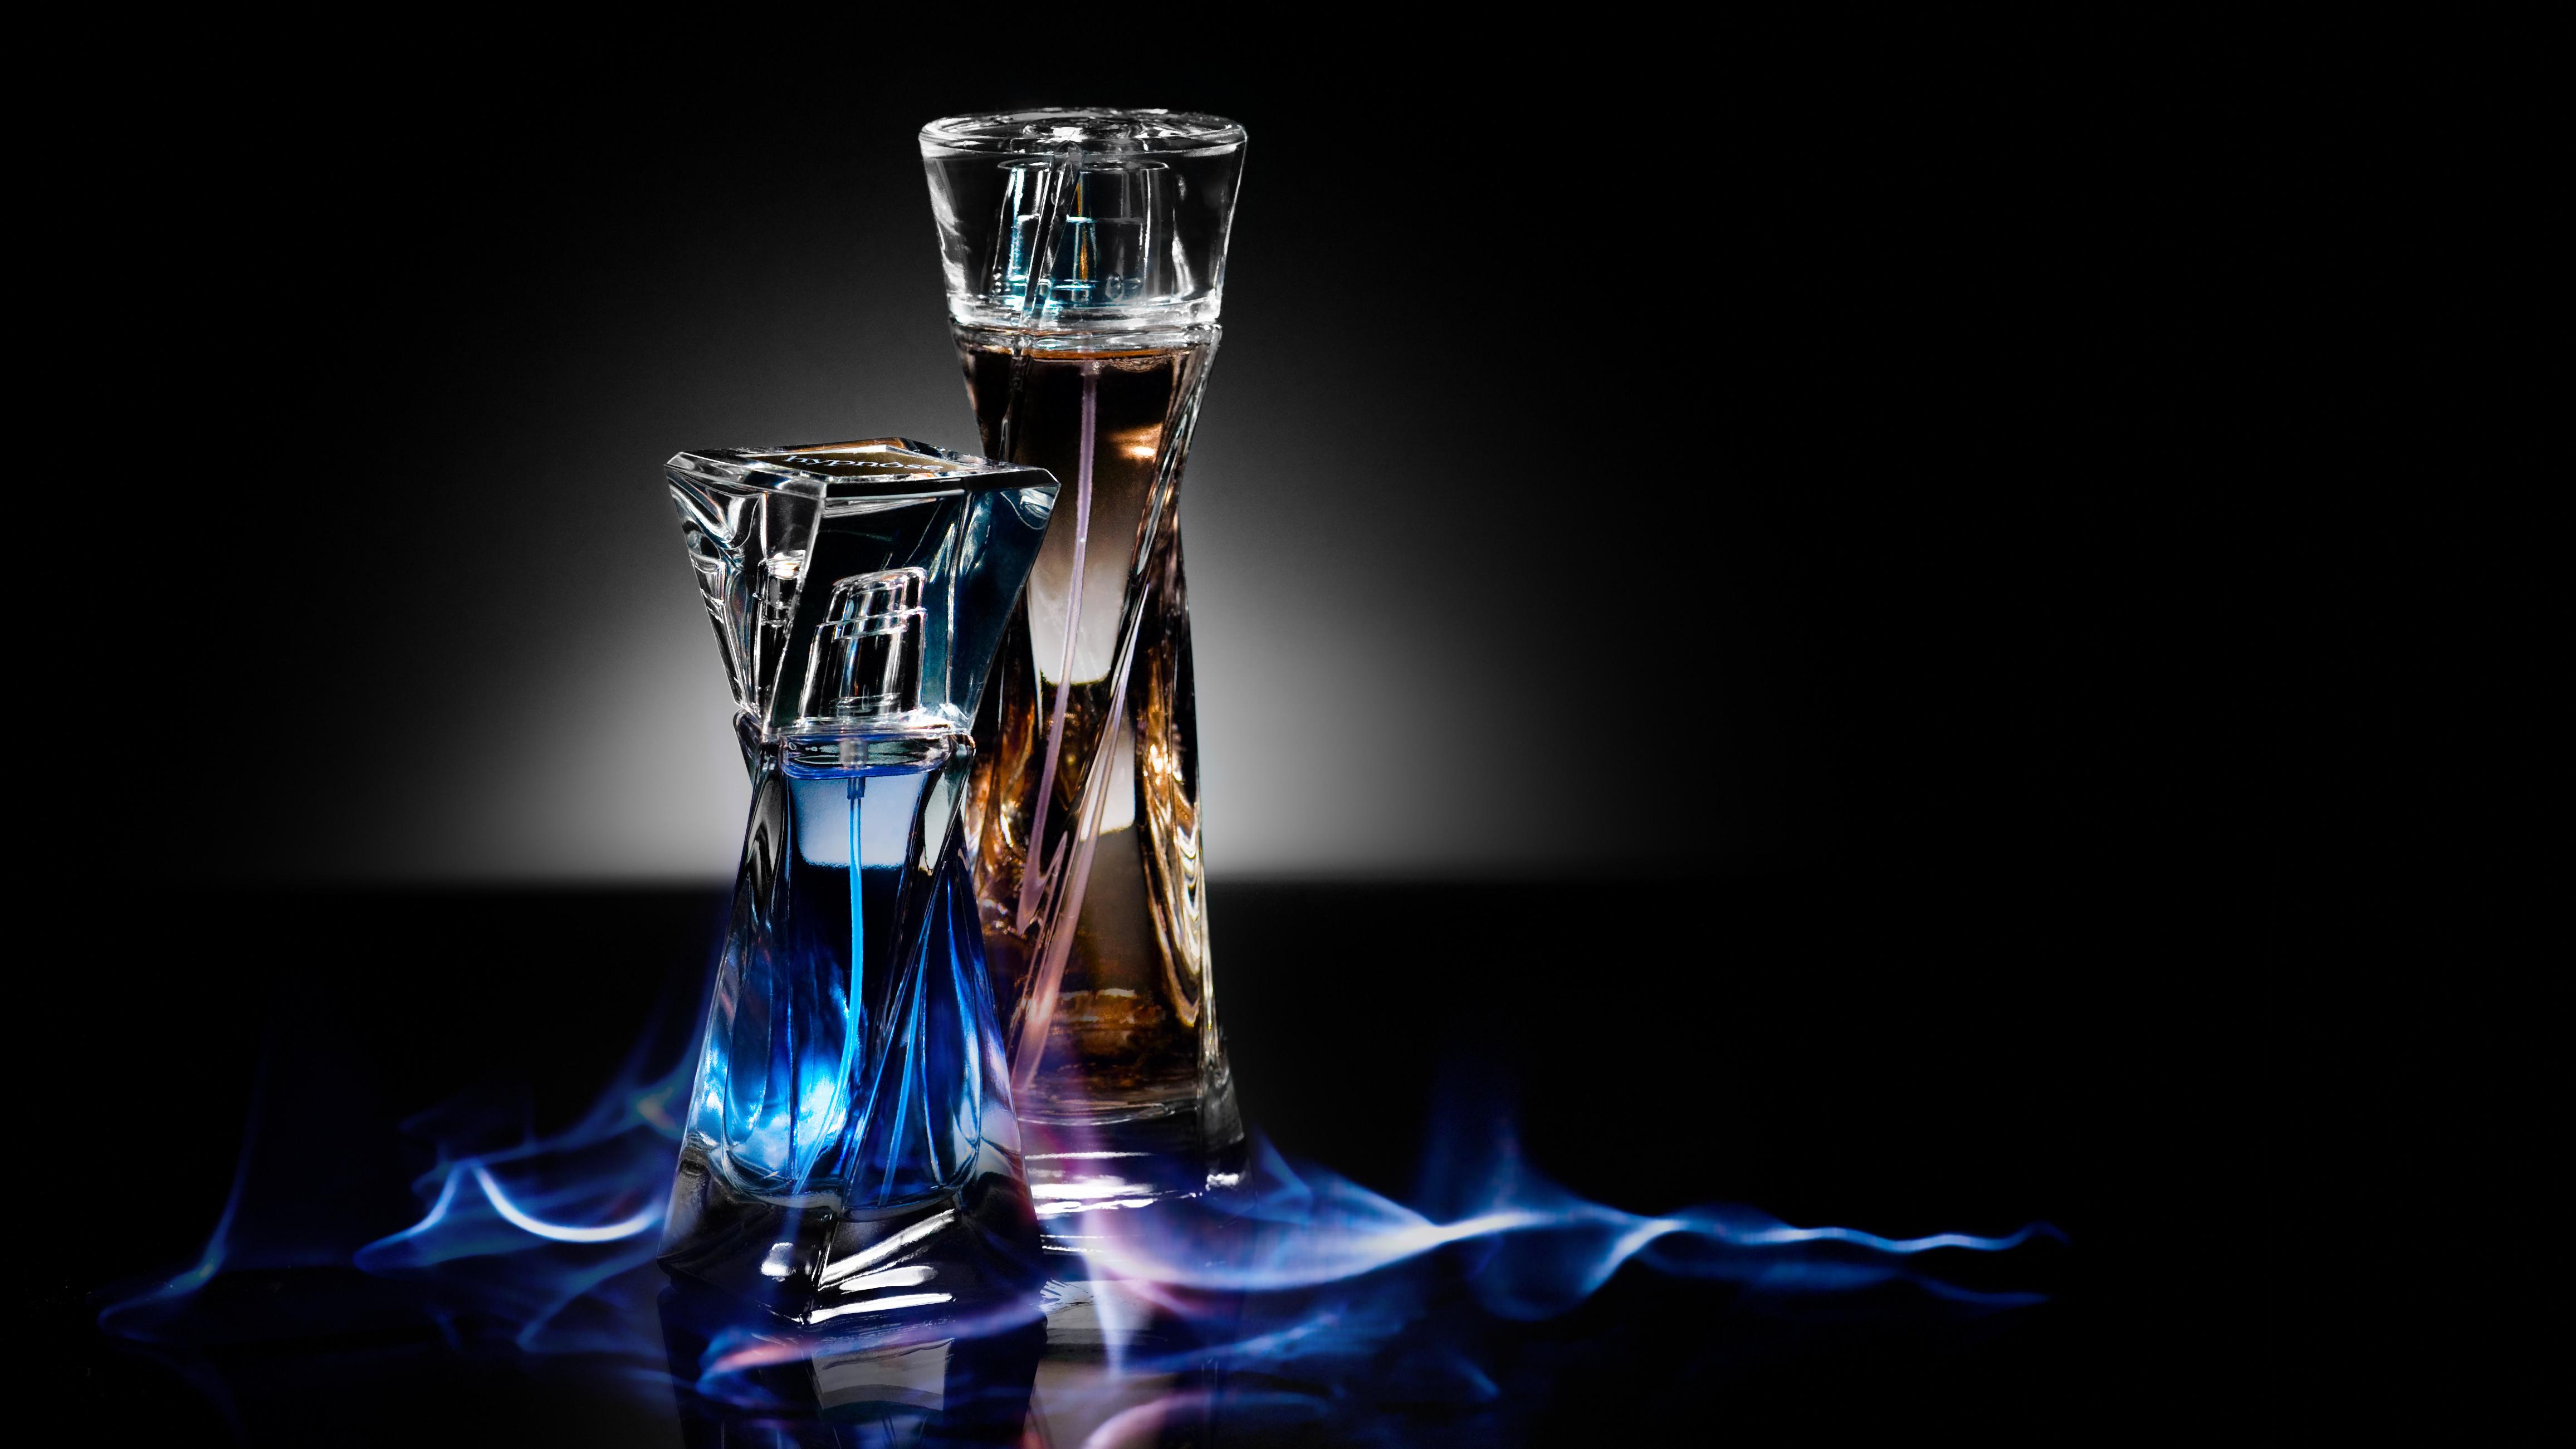 Parfum pas cher homme parfum deluxe - Parfum prodigieux nuxe pas cher ...